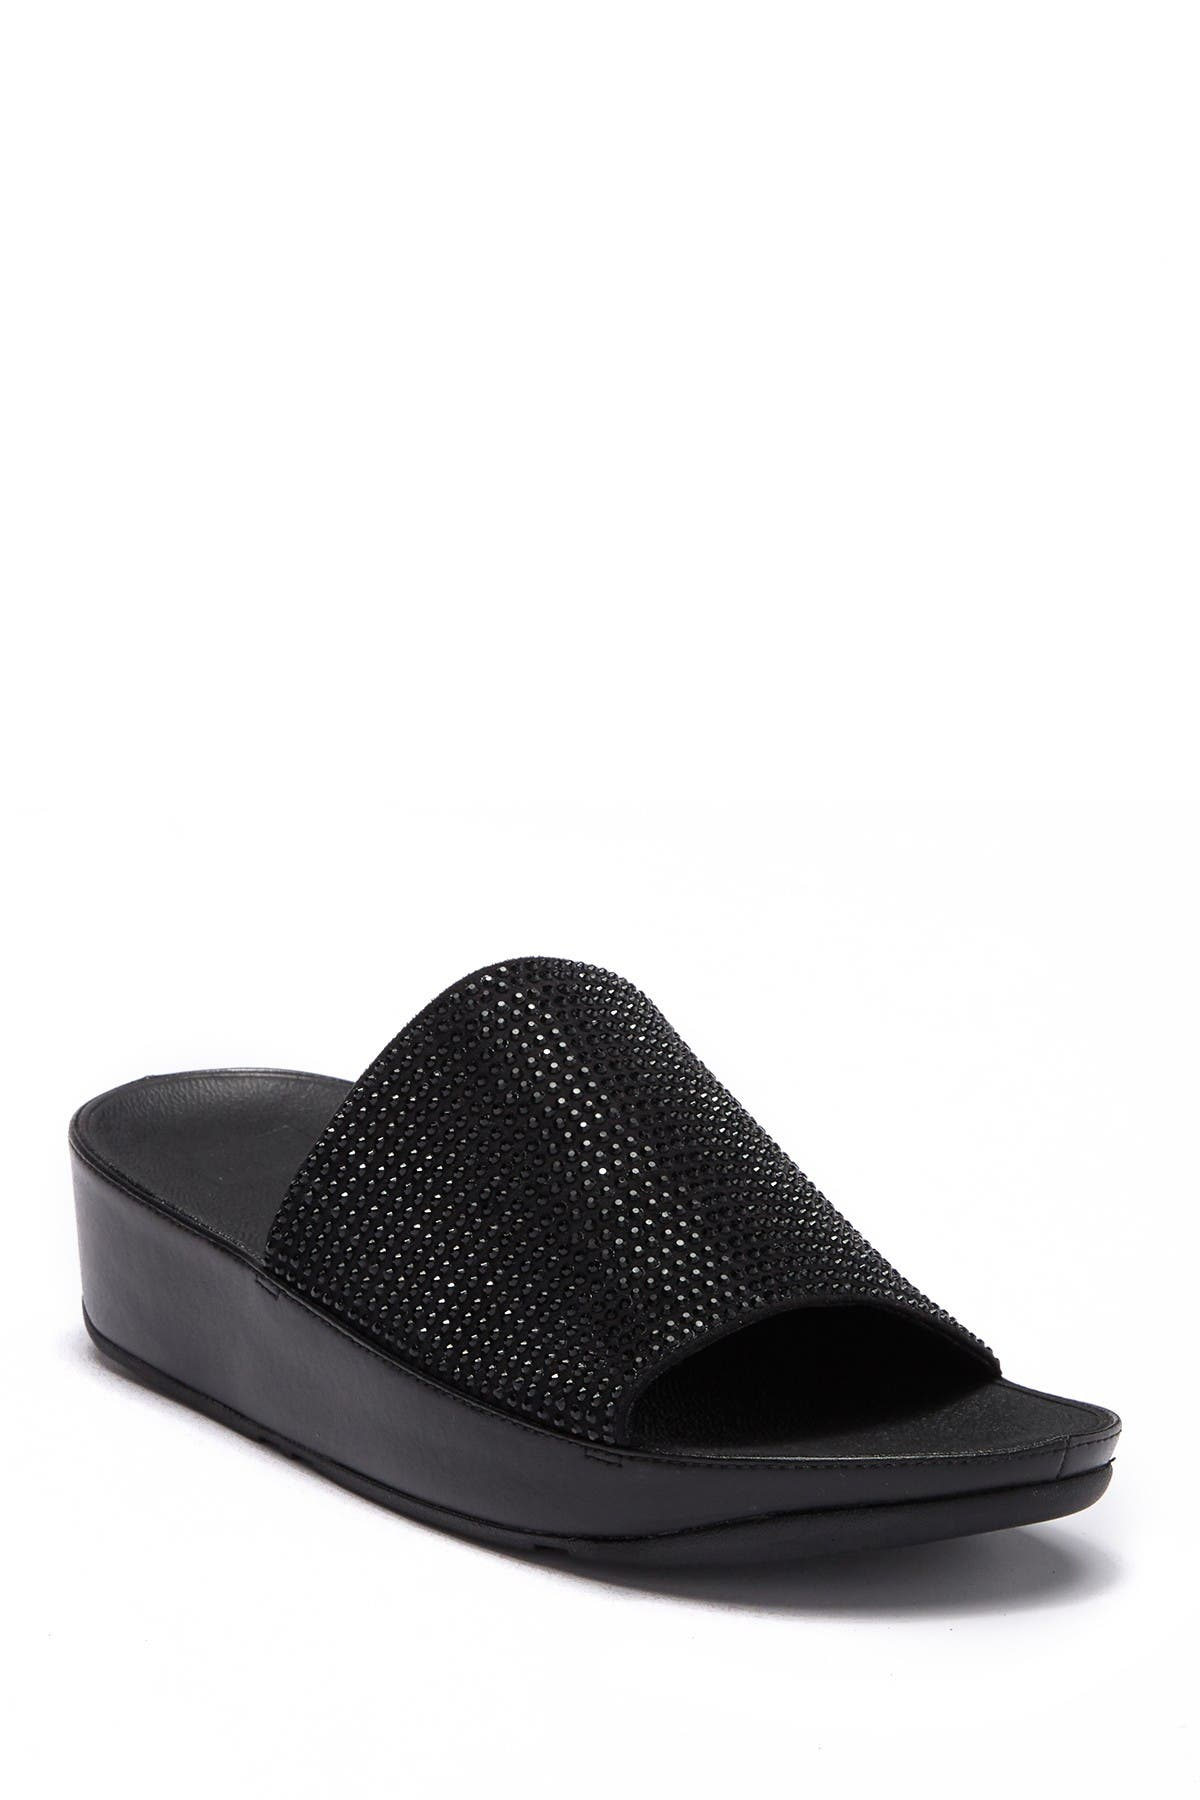 nordstrom black platform sandals